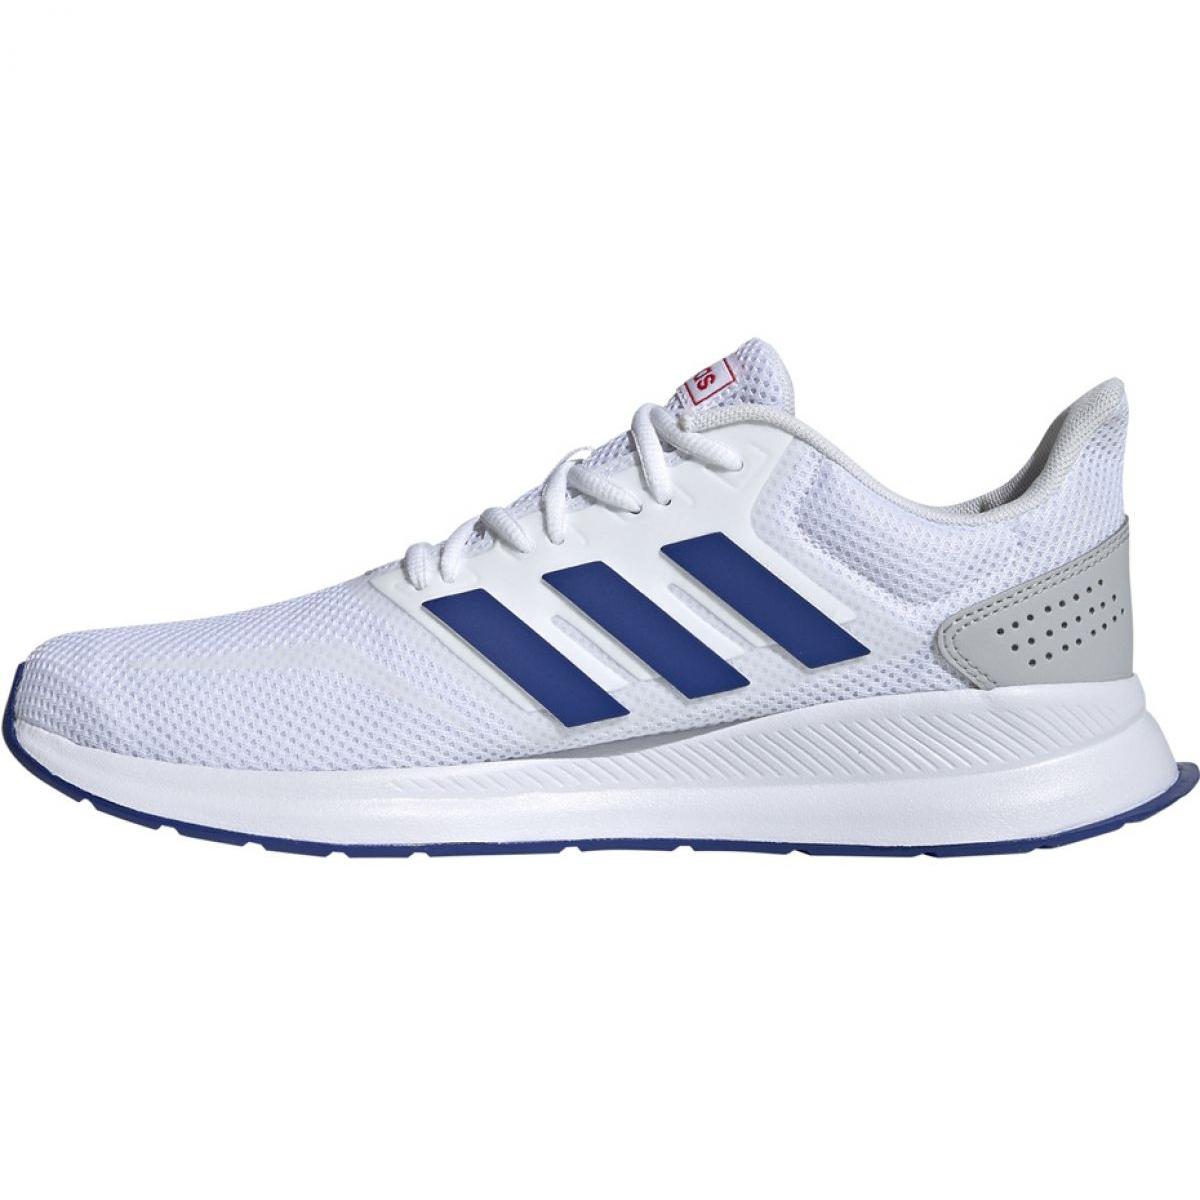 De M Runfalcon Running Ef0148 Ztpkoiux Chaussures Adidas D9IE2H